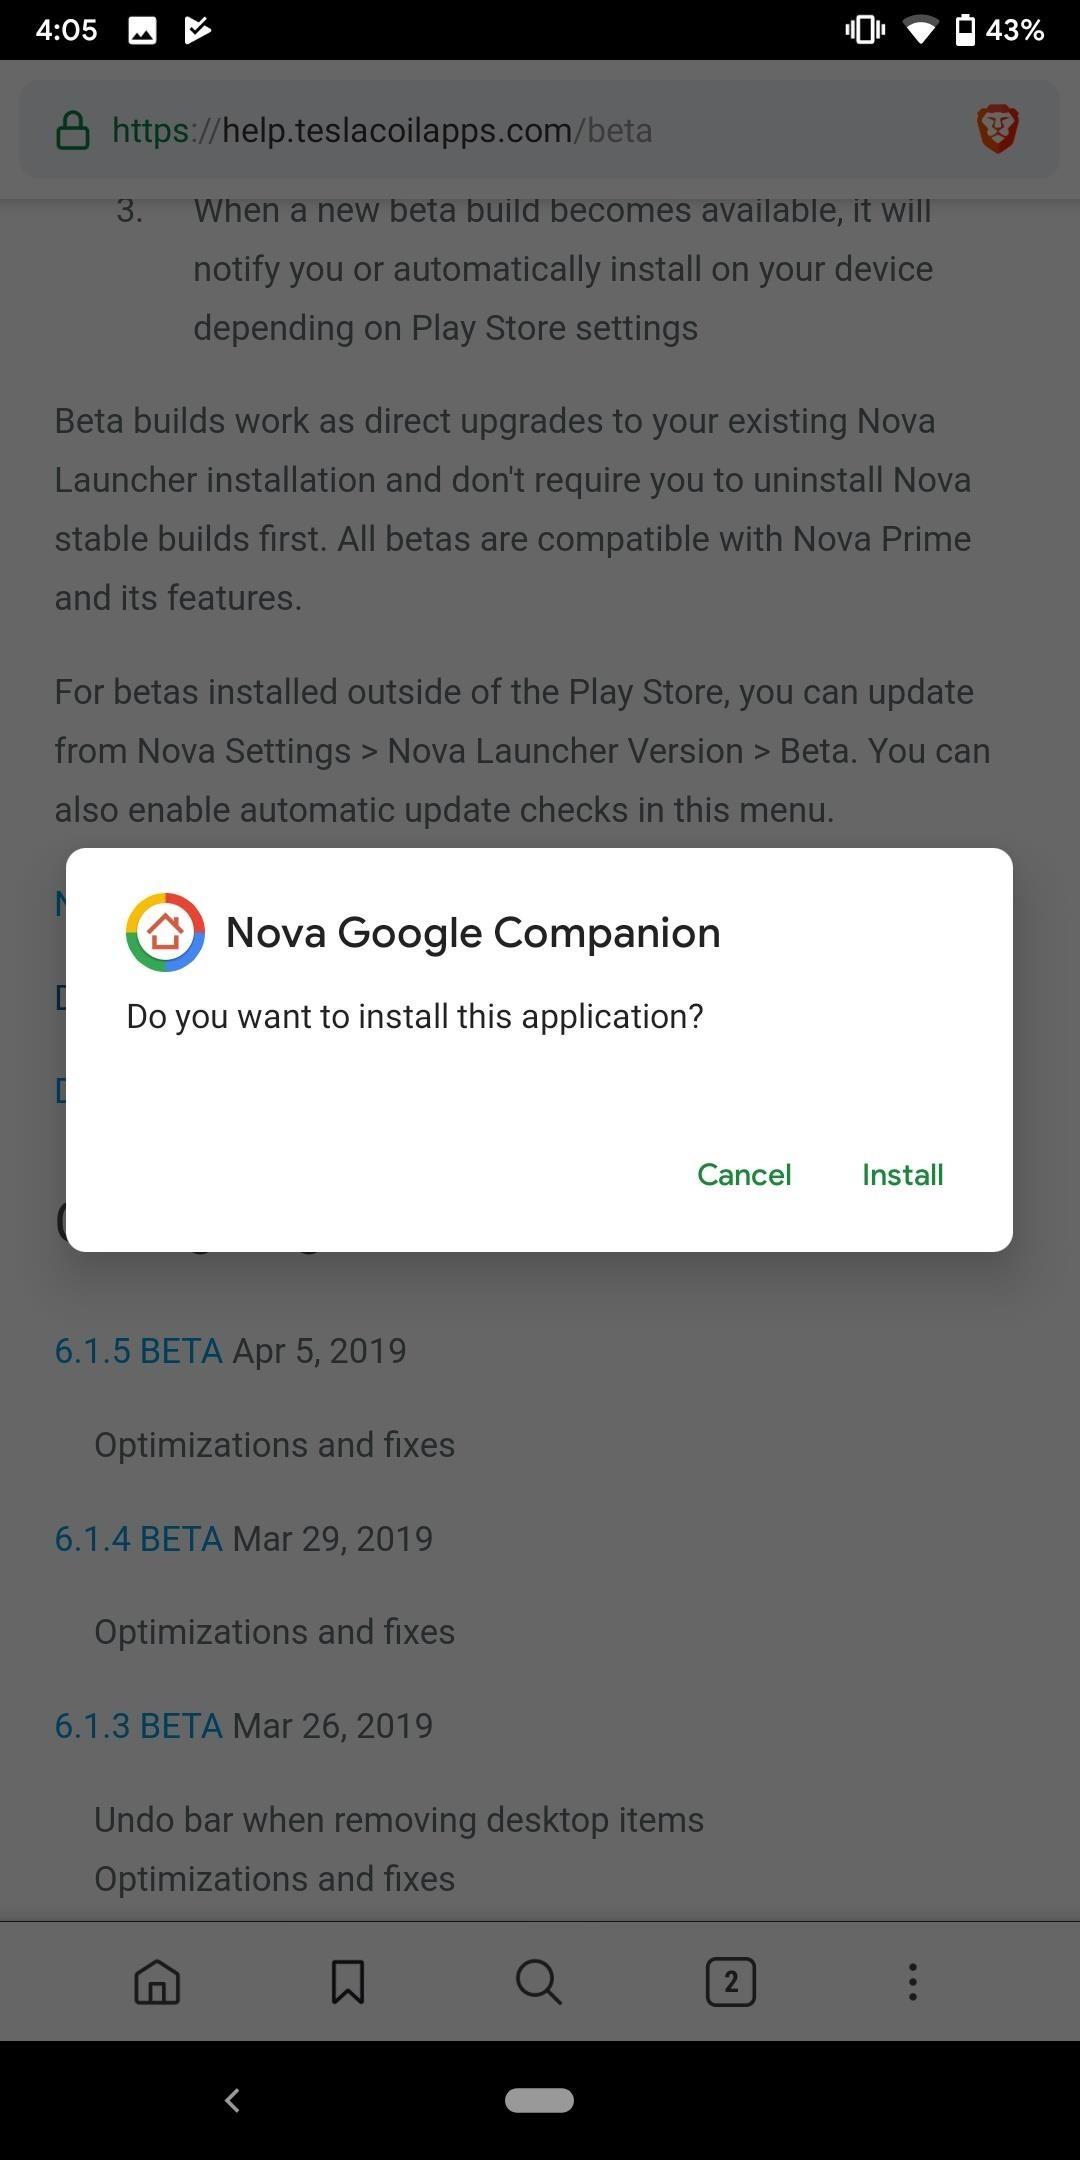 38 Aufregende neue Funktionen und Änderungen in Android 10